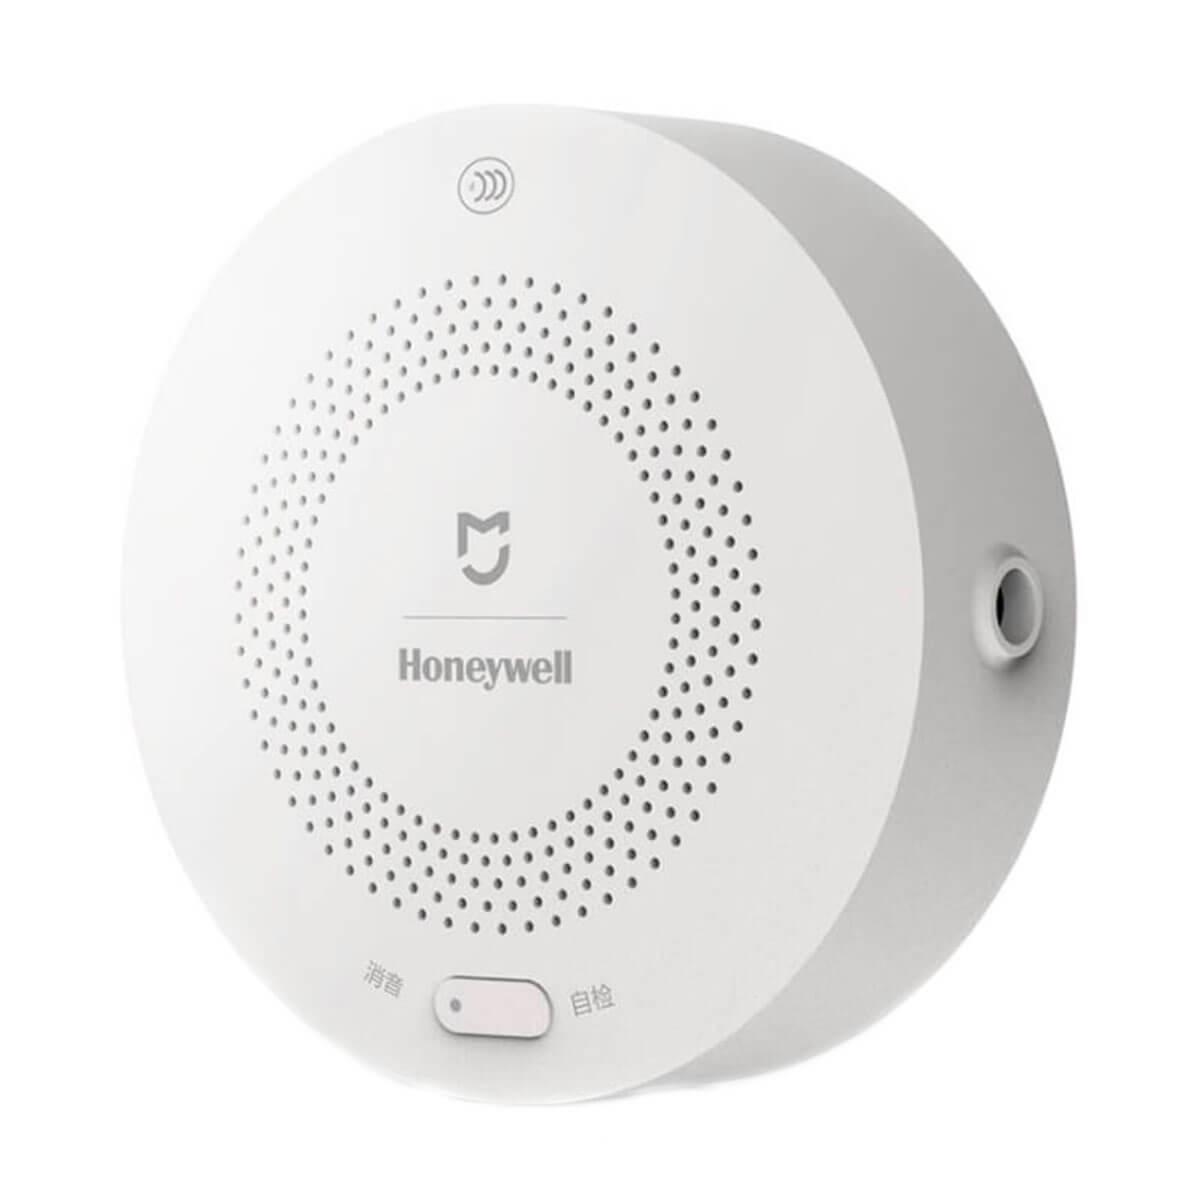 xiaomi Датчик утечки природного газа Xiaomi Mi Honeywell Gas Alarm (YTC4019RT) YTC4019RT